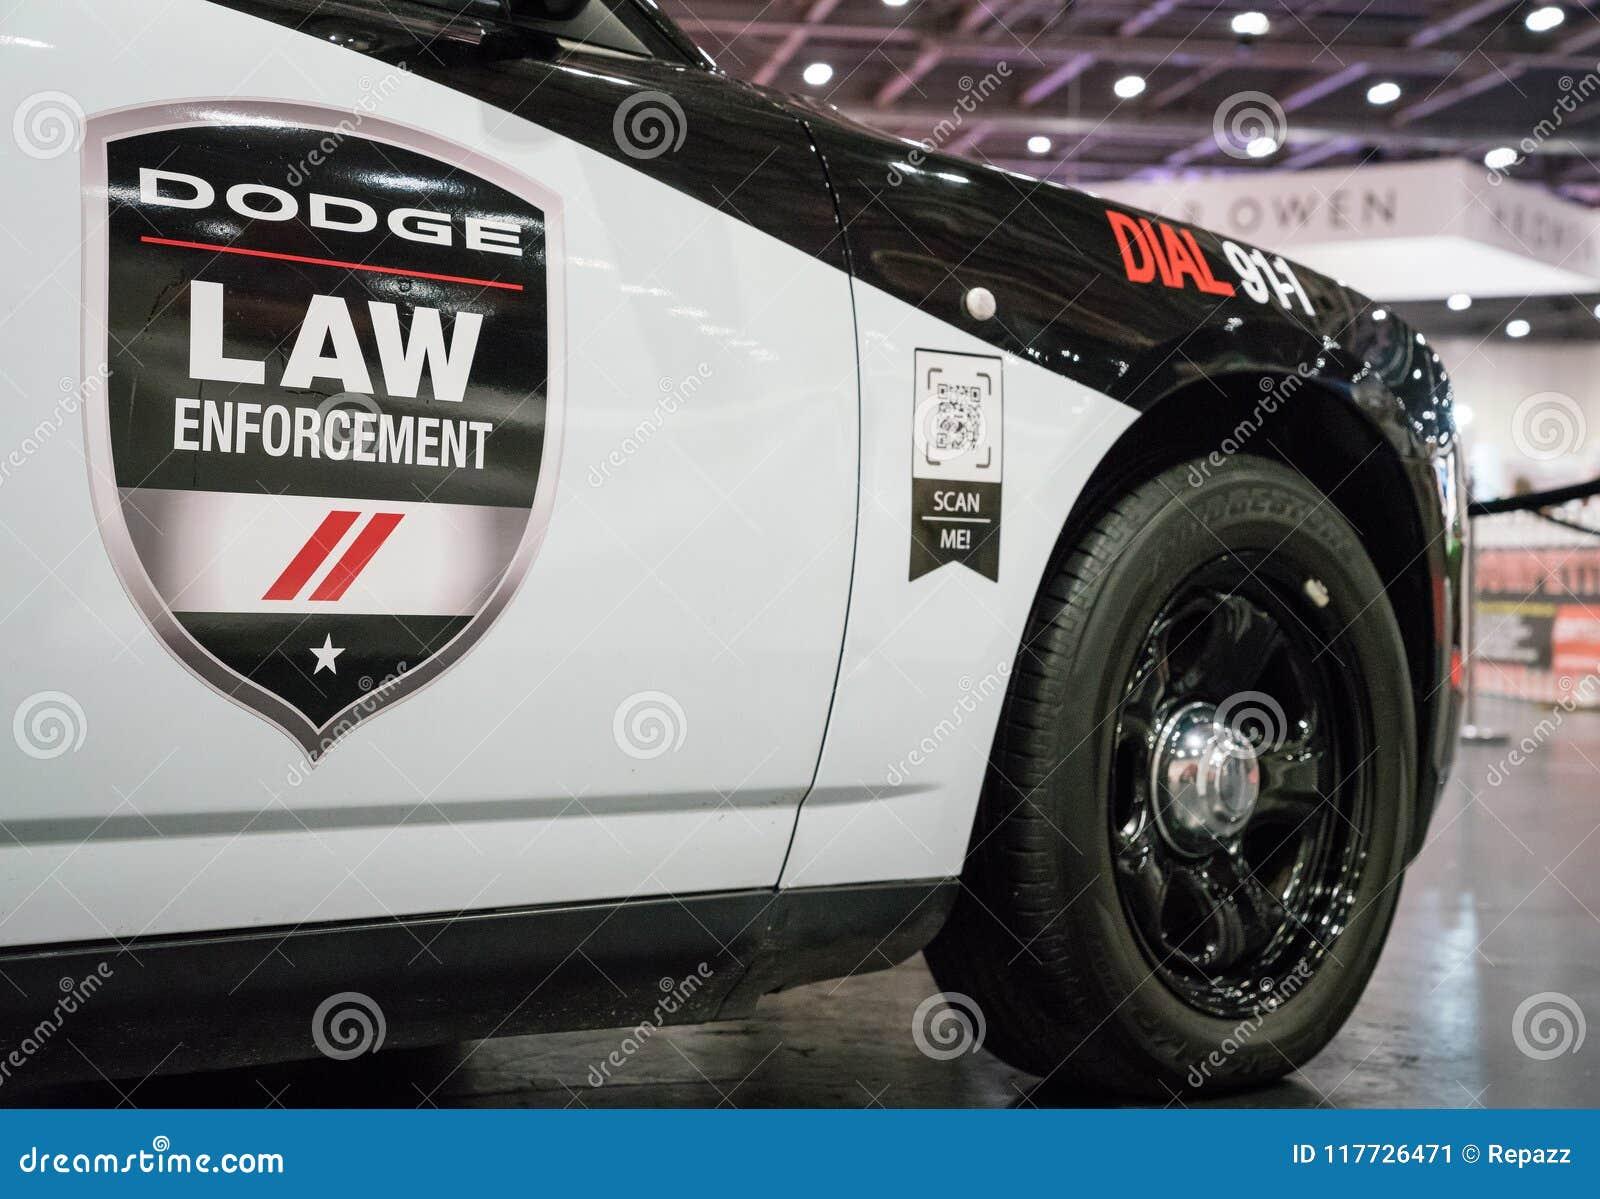 Sluit Dodge-omhoog de Handhaving van de Laderssrt Wet